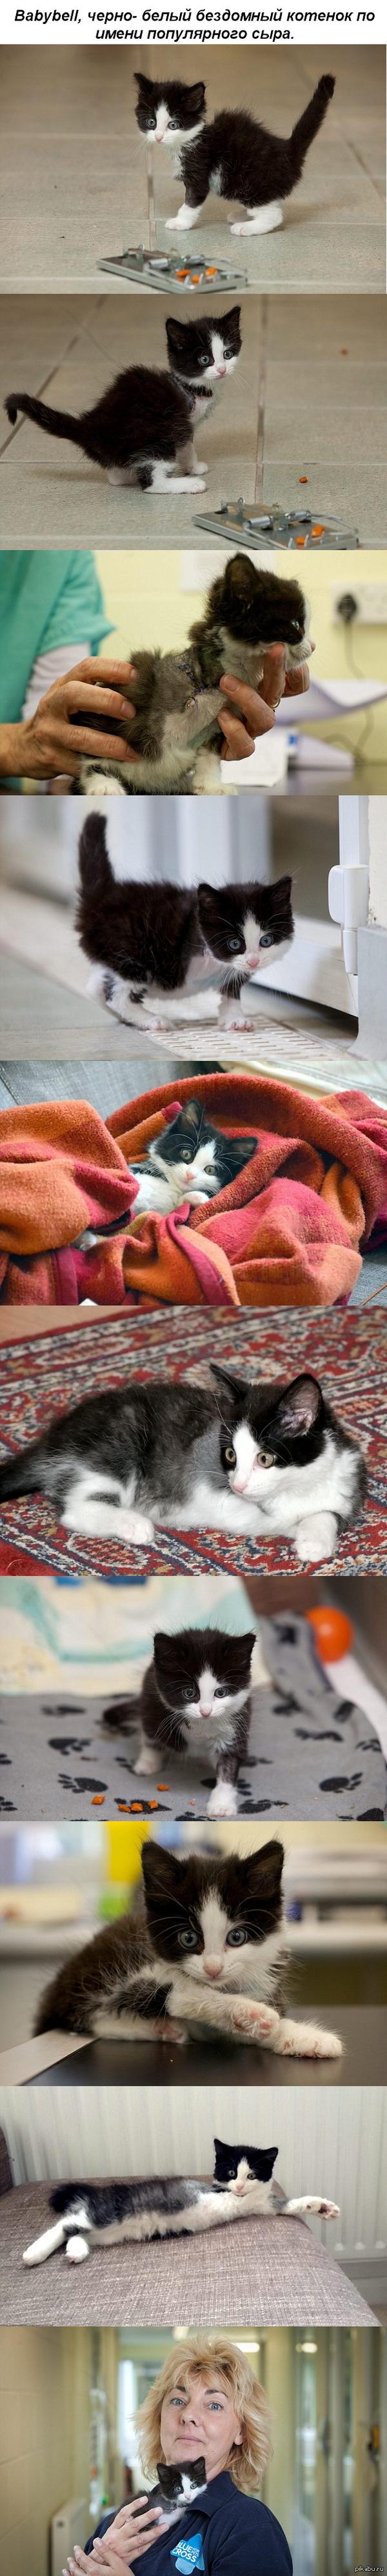 Котенок, который потерял лапку в мышеловке, но обрел любящих хозяев Любопытство чуть не убило котенка: ему ампутировали лапку после попадания в мышеловку - и спасло его только то ,что прохожий услышал мяуканье.